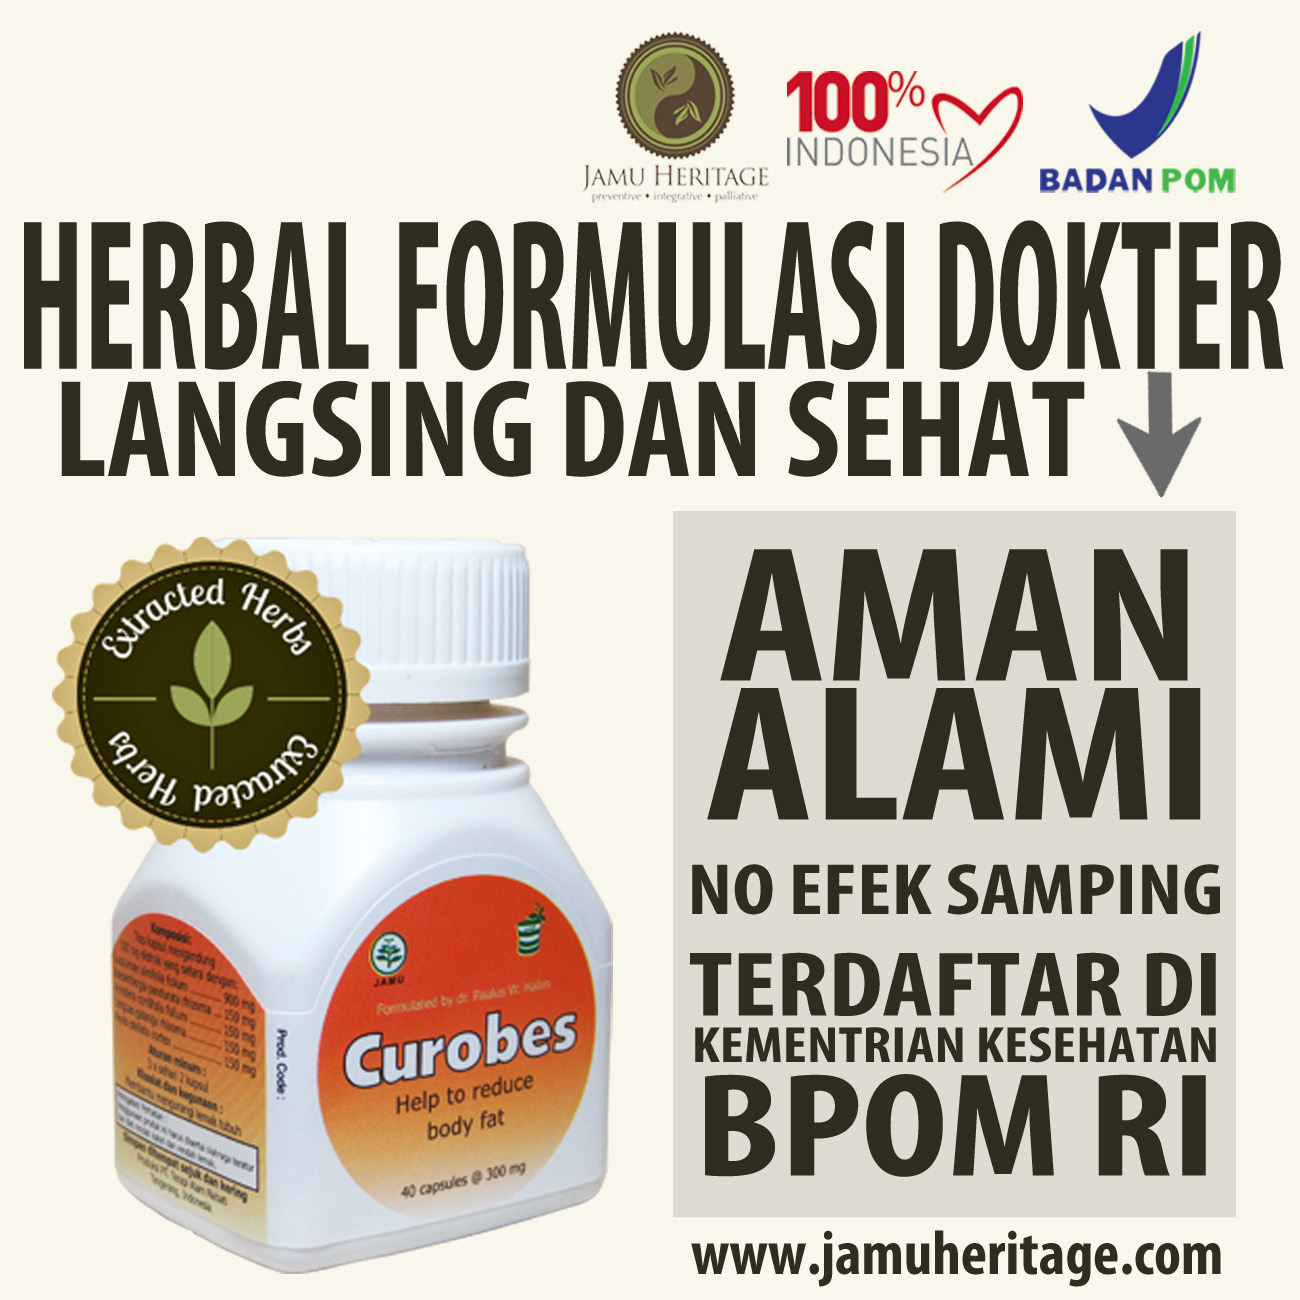 Jual Jamu Herbal Kurus Alami Formulasi Dokter - Langsing ...